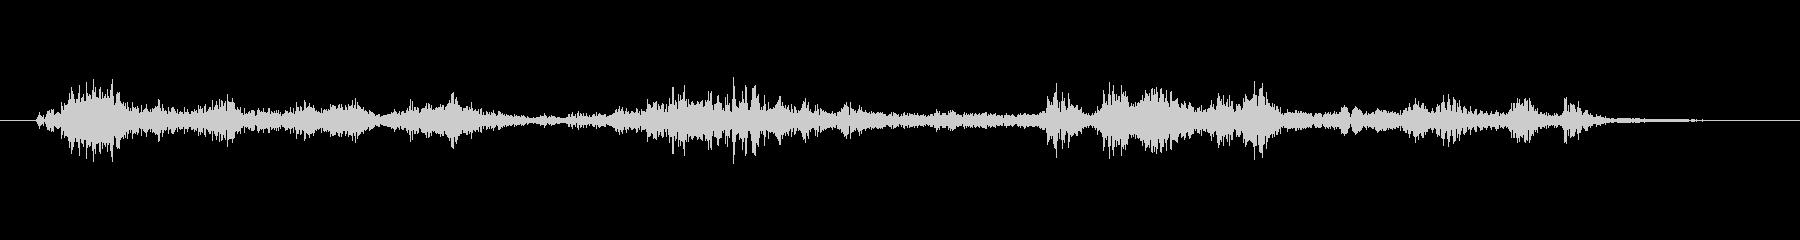 ノイズ ローファイランダムネス03の未再生の波形